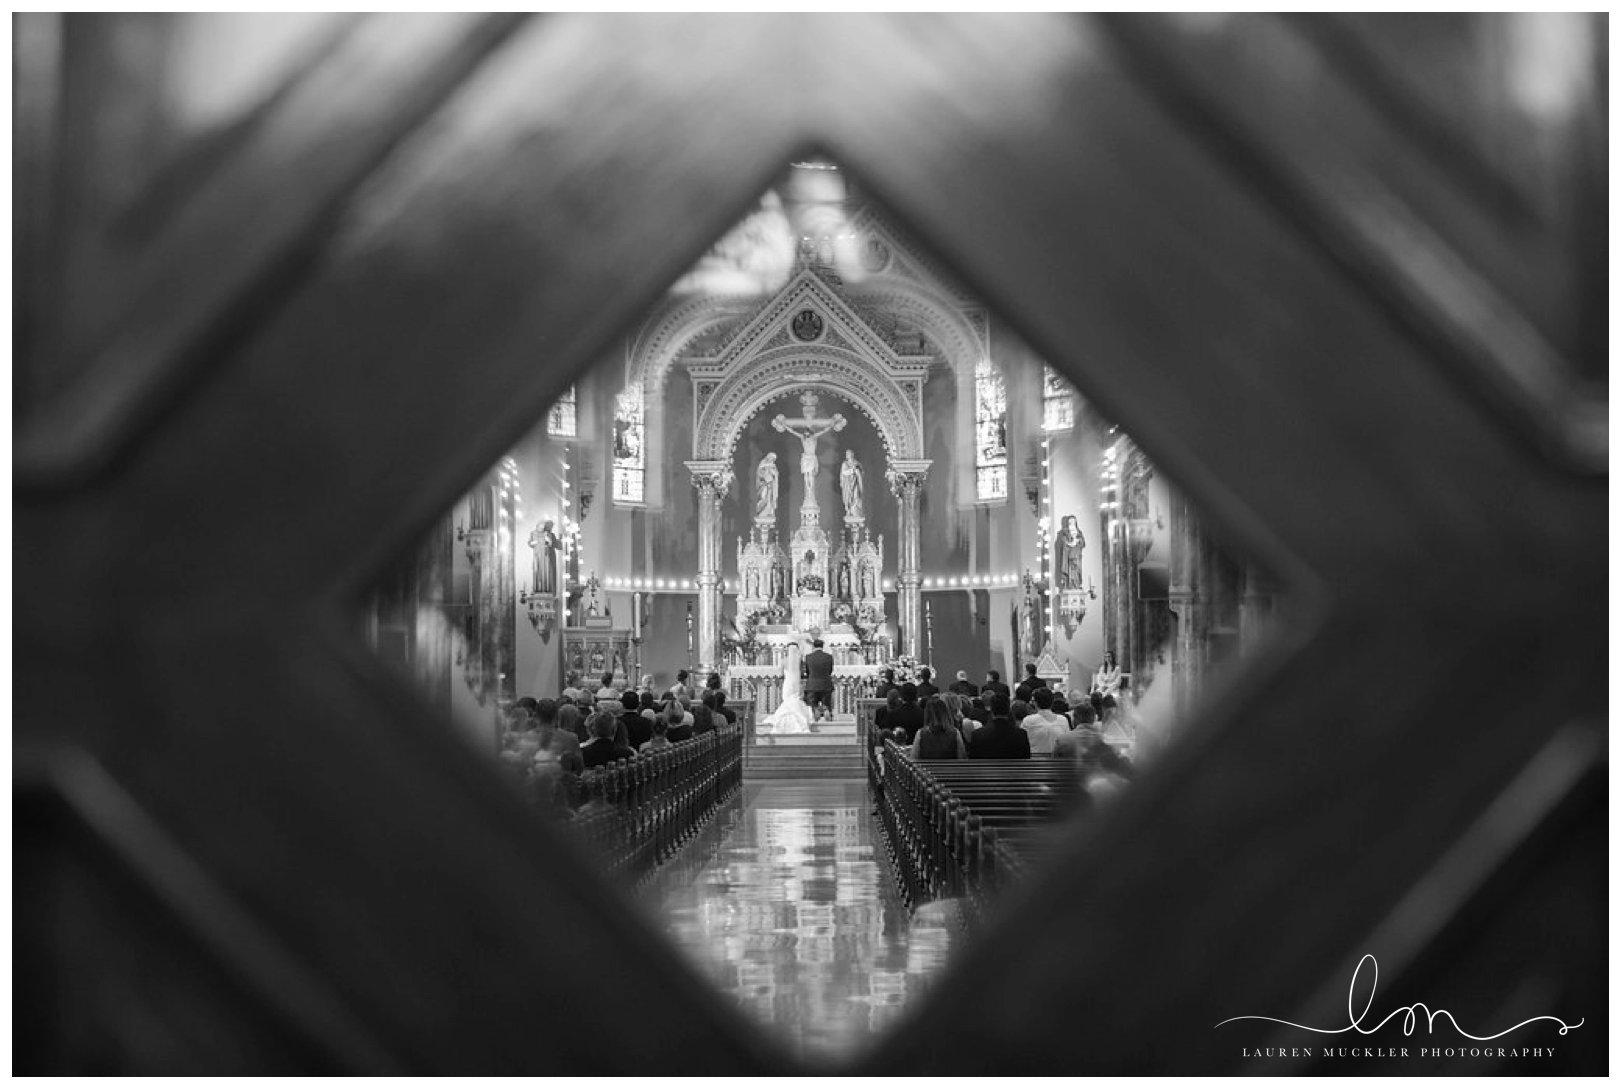 lauren muckler photography_fine art film wedding photography_st louis_photography_0010.jpg